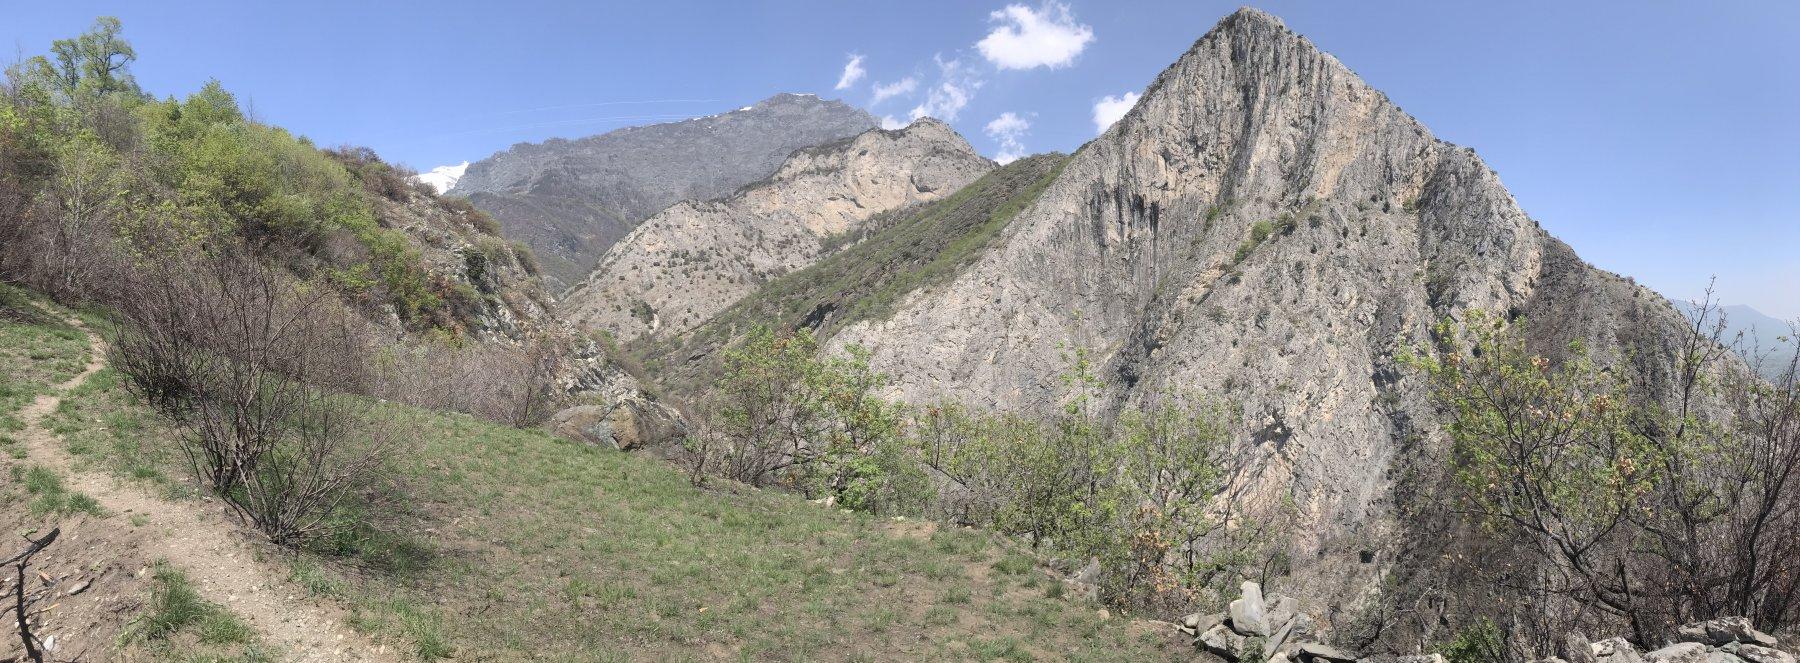 Si intravede il Rocciamelone, dalle cui nevi si originana il torrente che ha scavato l'orrido stesso